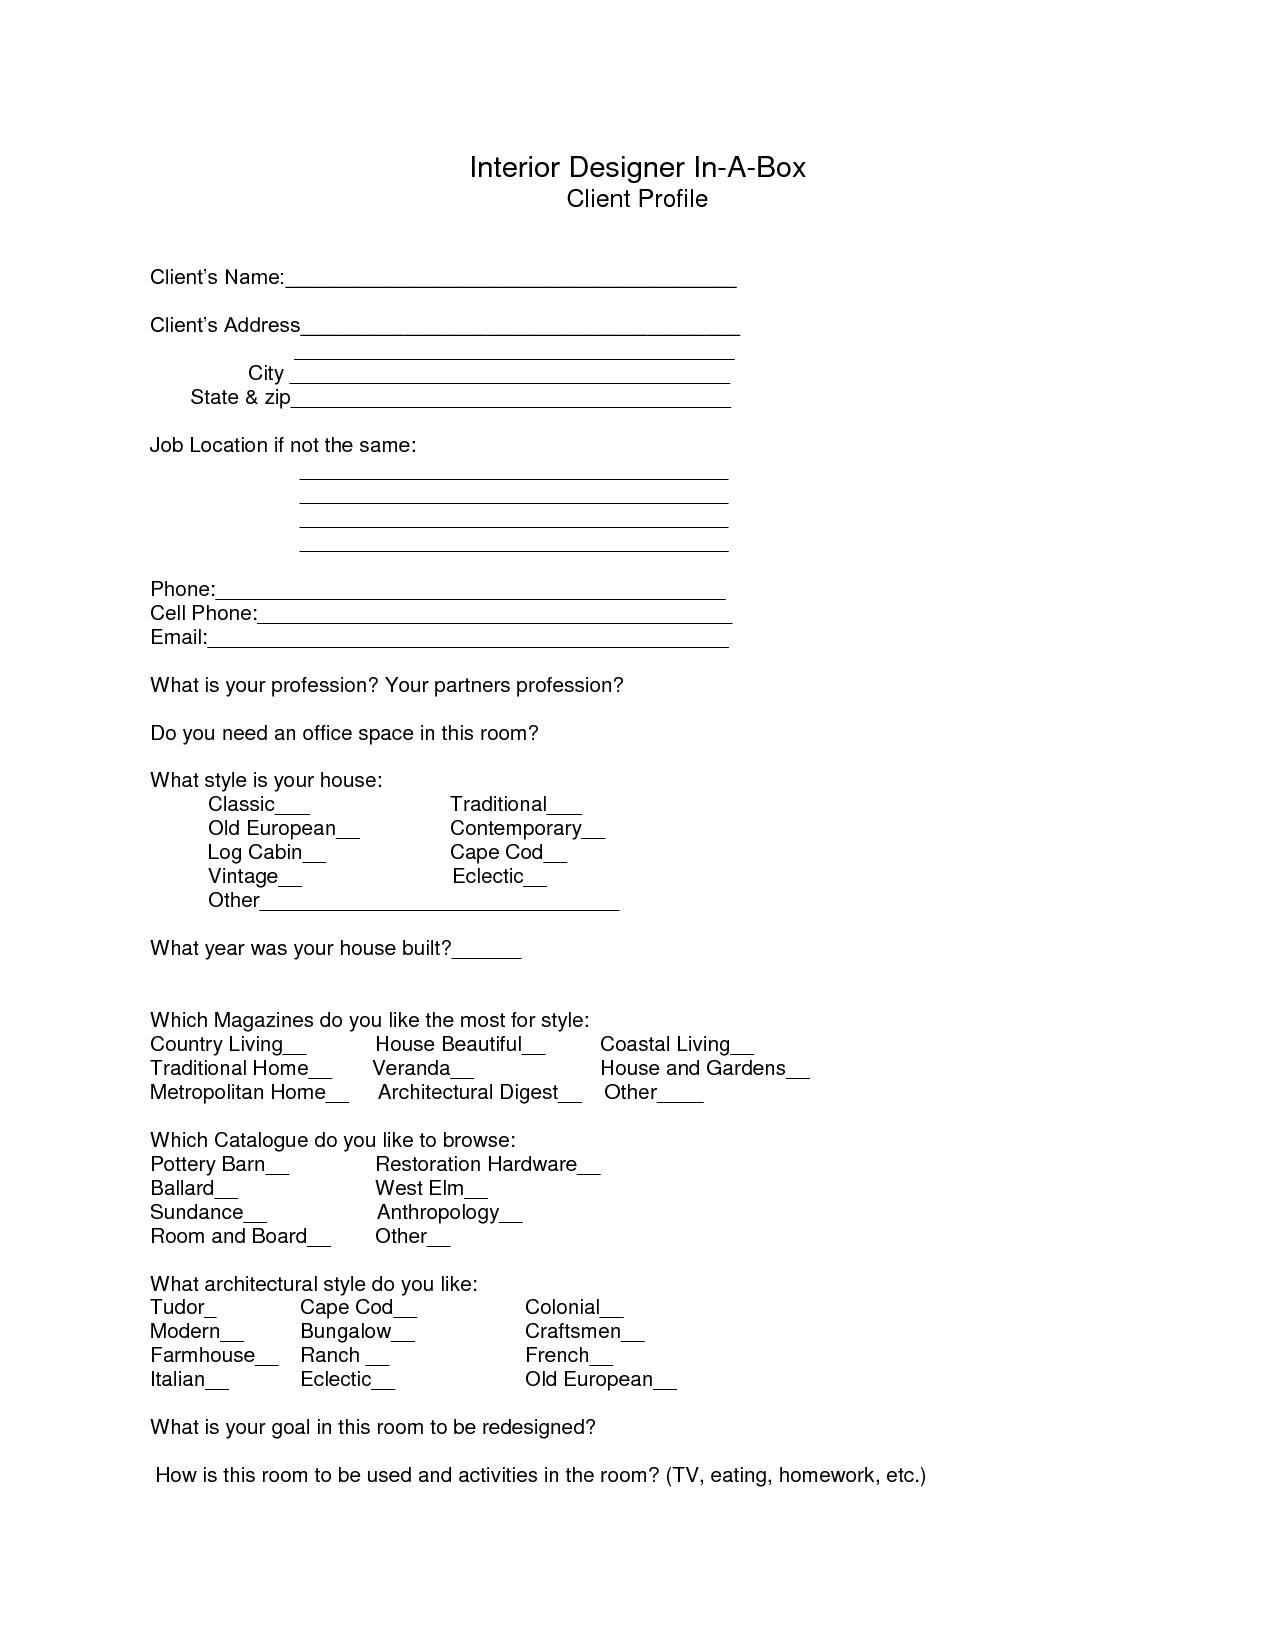 Interior Design Client Profiles